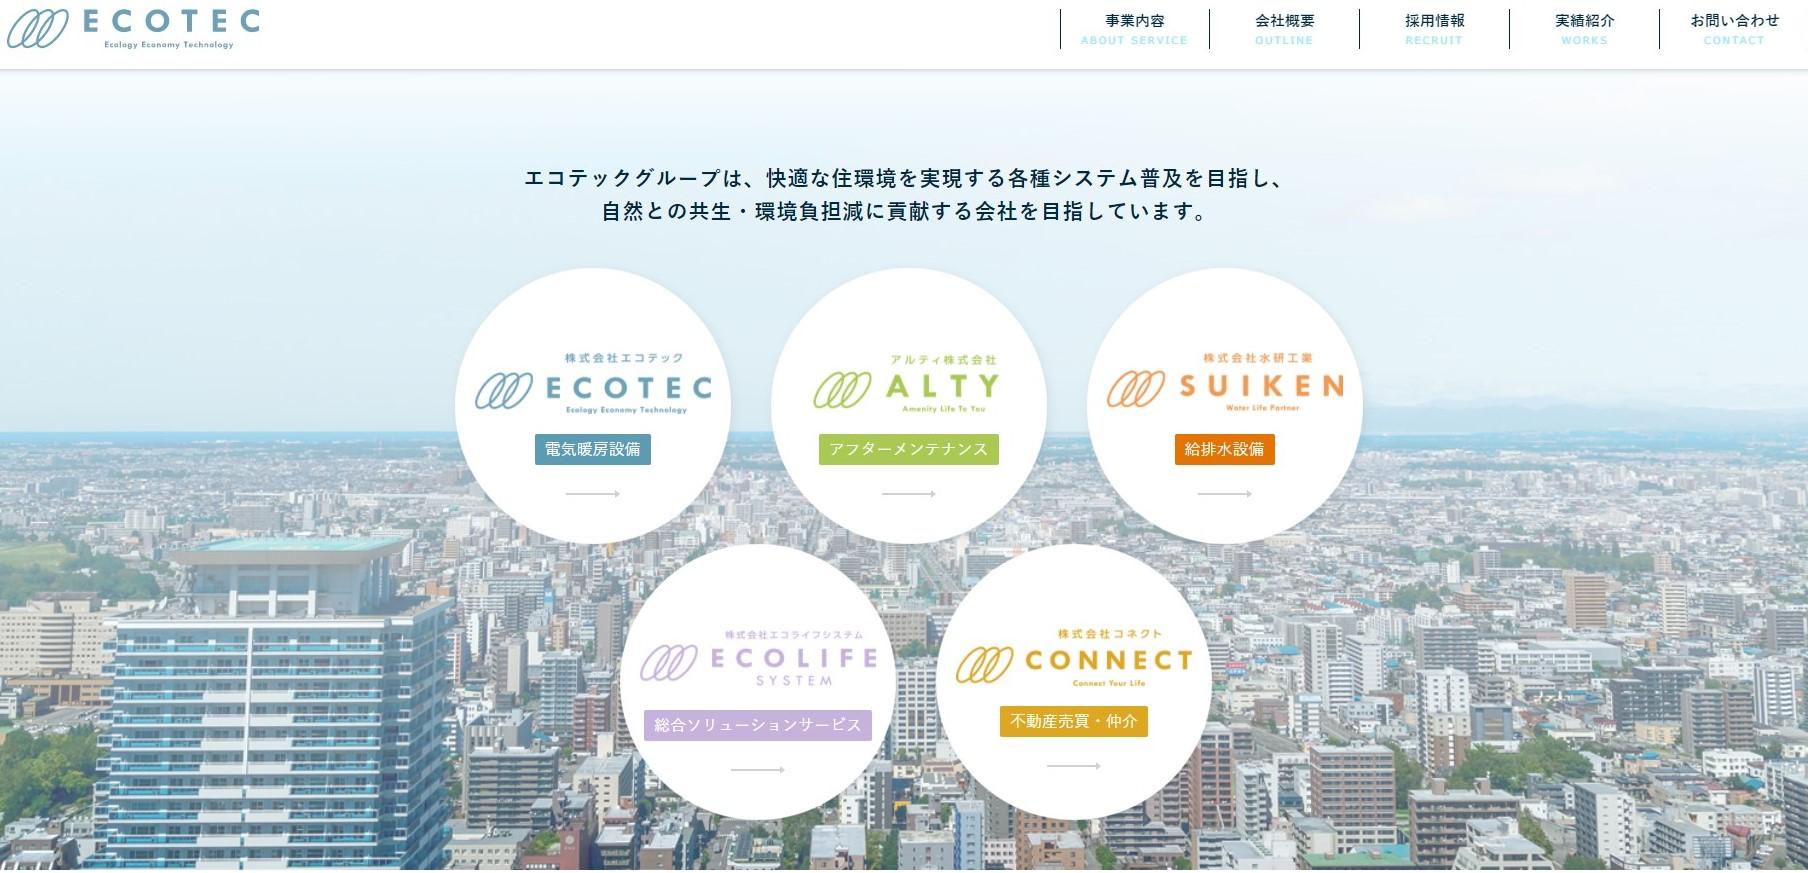 グループ企業追加.jpg